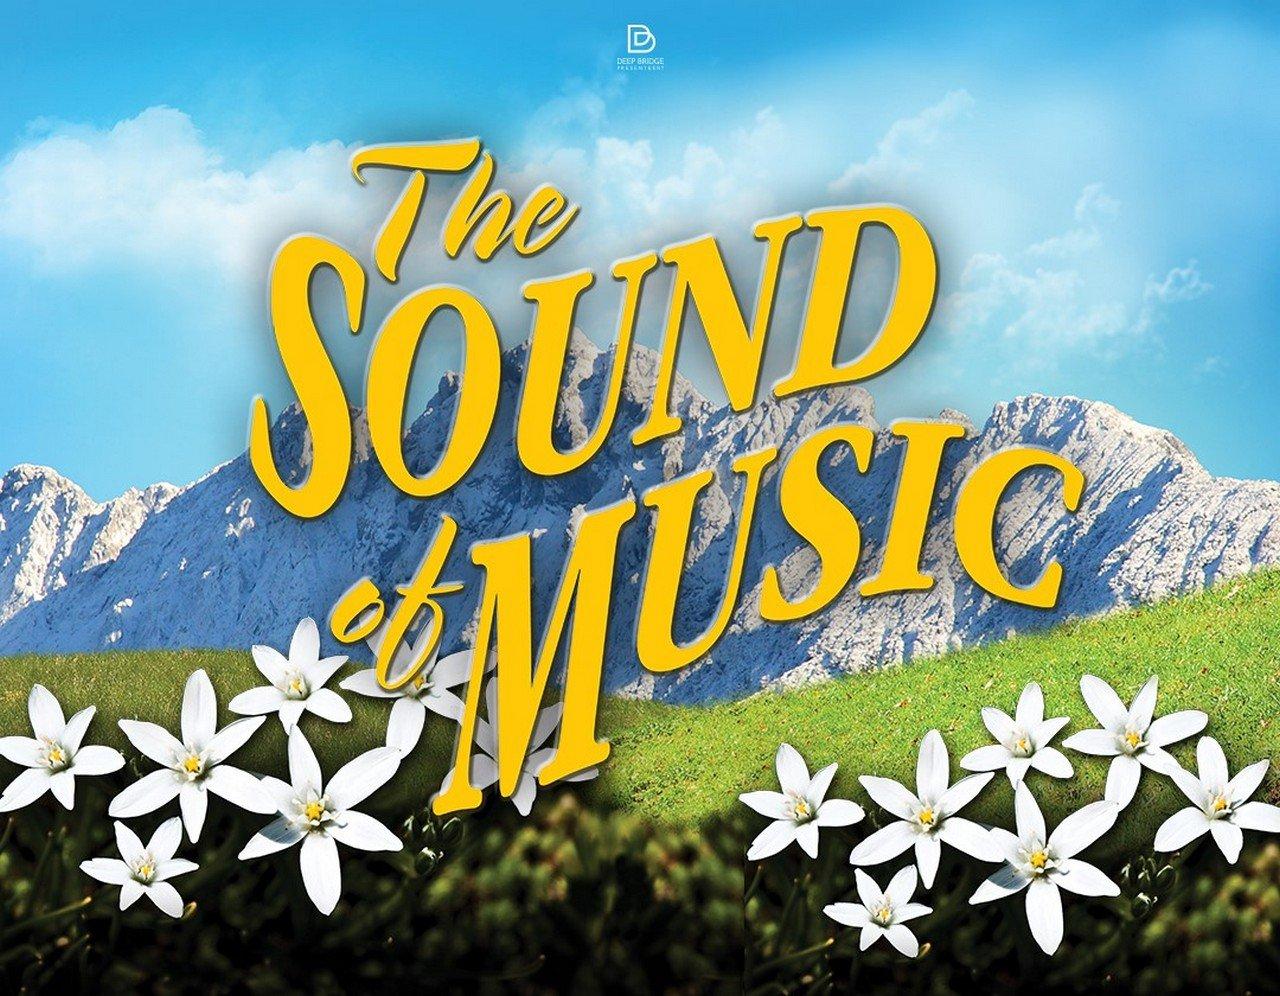 Na MAMMA MIA! creëert Deep Bridge een nieuwe versie van 'The Sound of Music' - The Sound Of Music 1